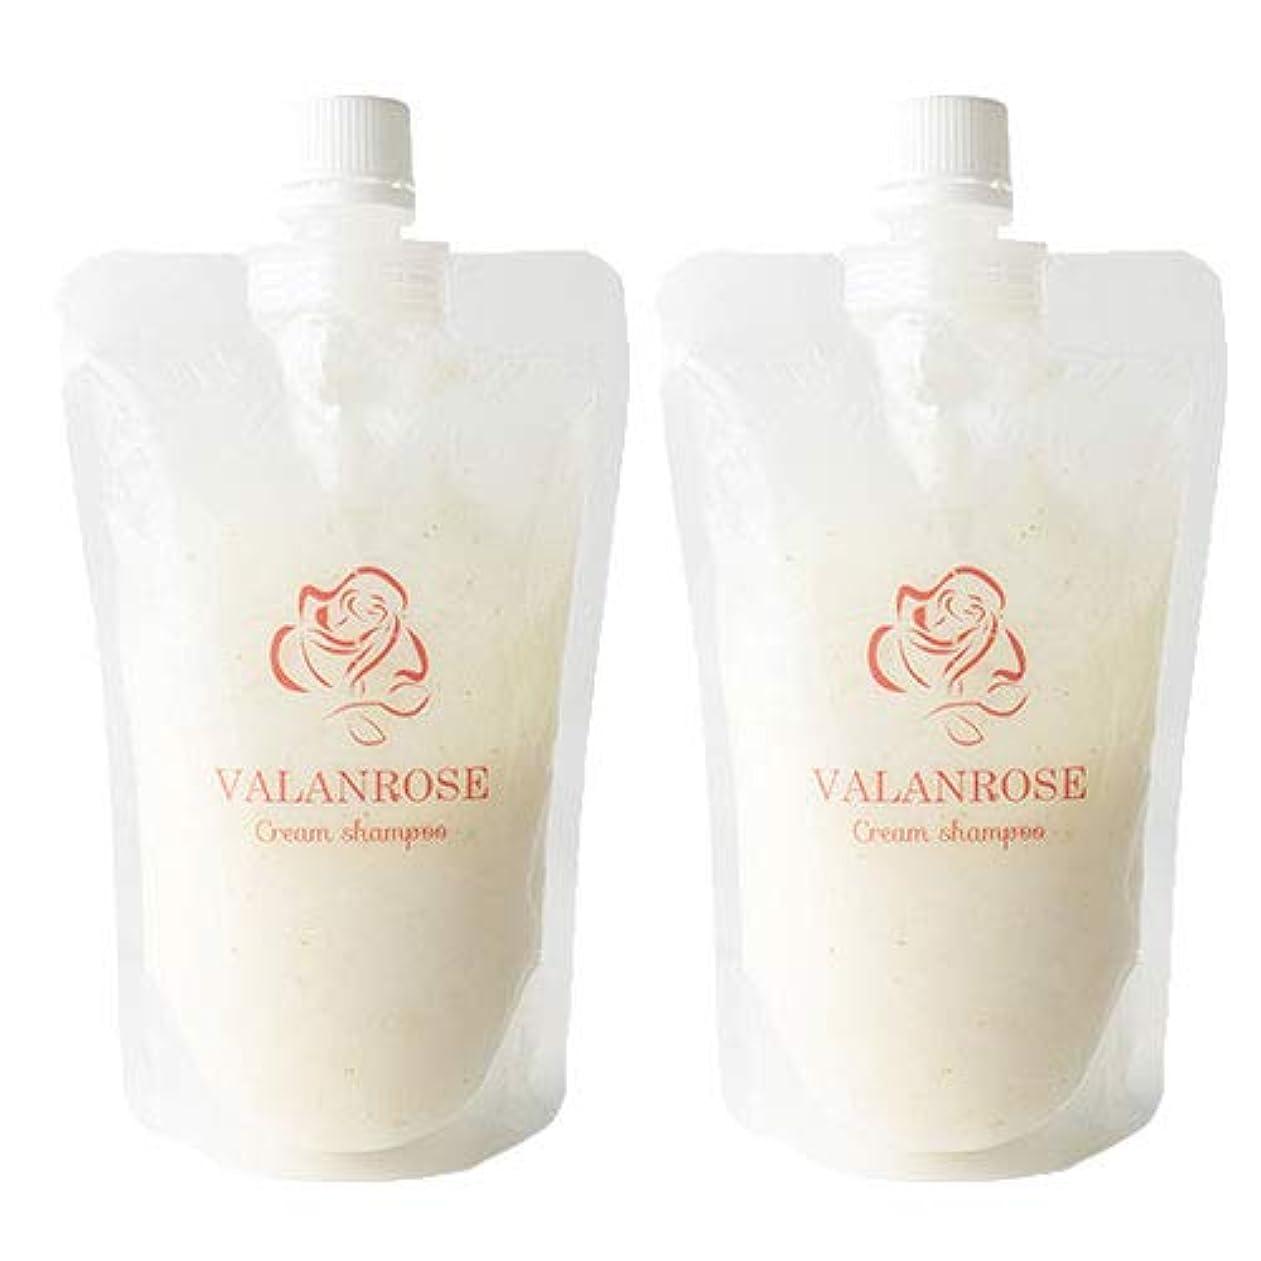 合理的称賛謙虚なバランローズ クリームシャンプー2個×1セット VALANROSE Cream shampoo/シャンプー クリームシャンプー 髪 ヘアケア